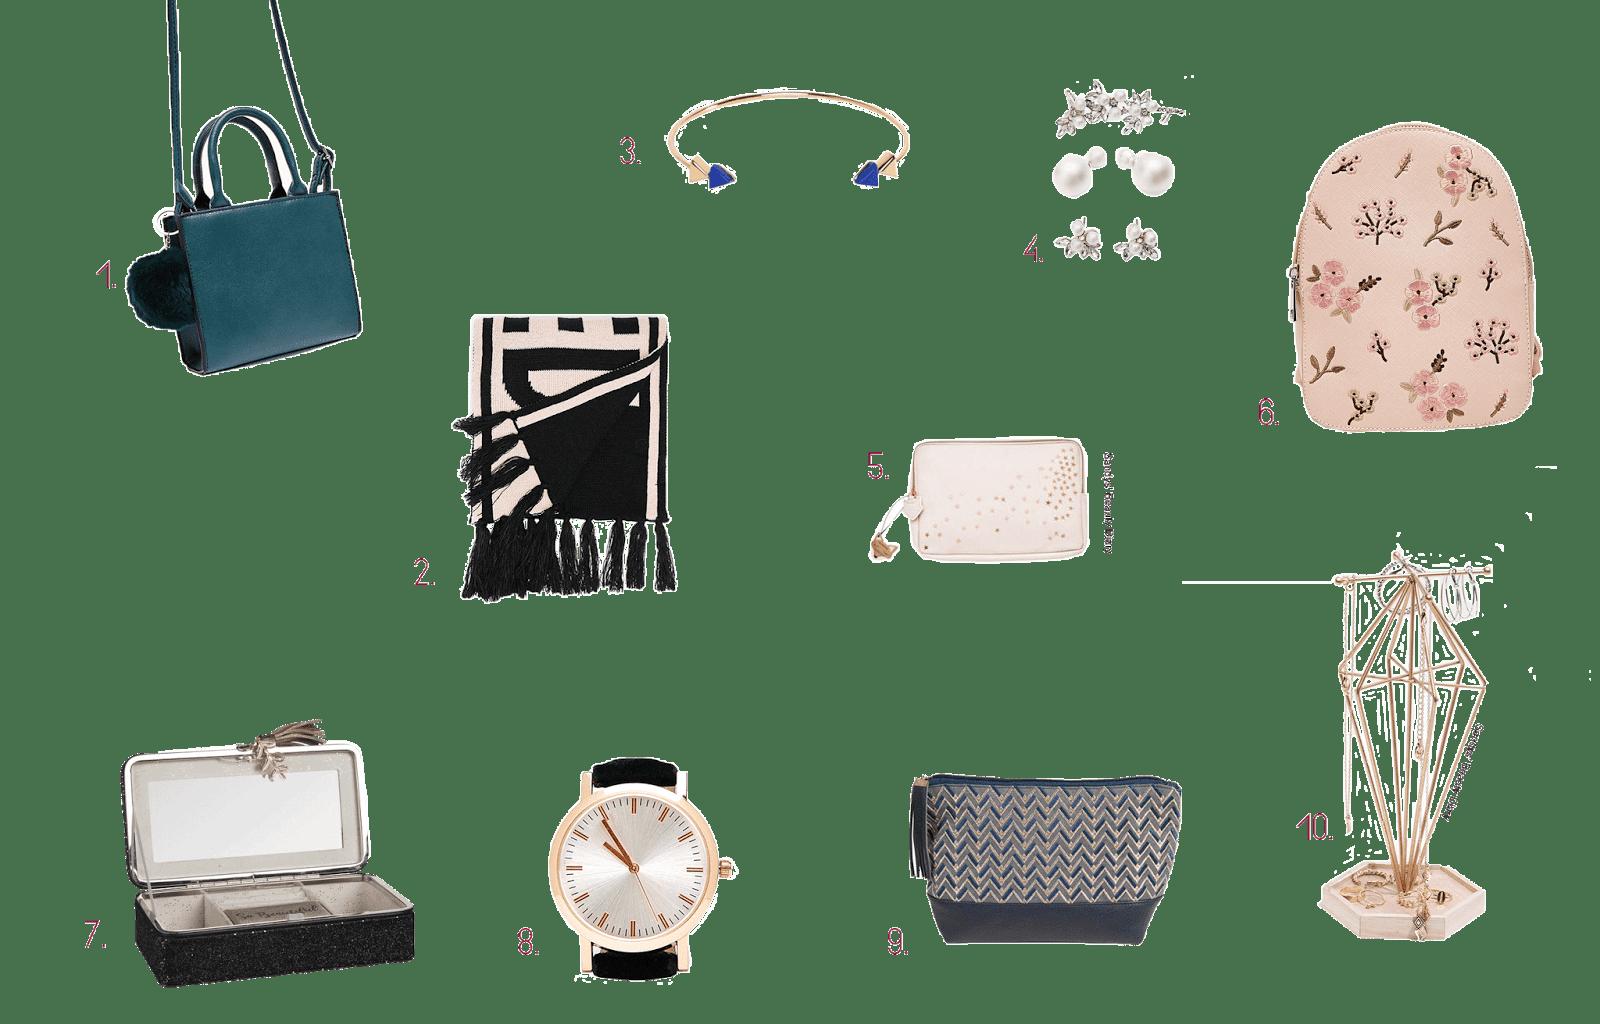 idées cadeaux petit prix noël 2017 mode accessoires